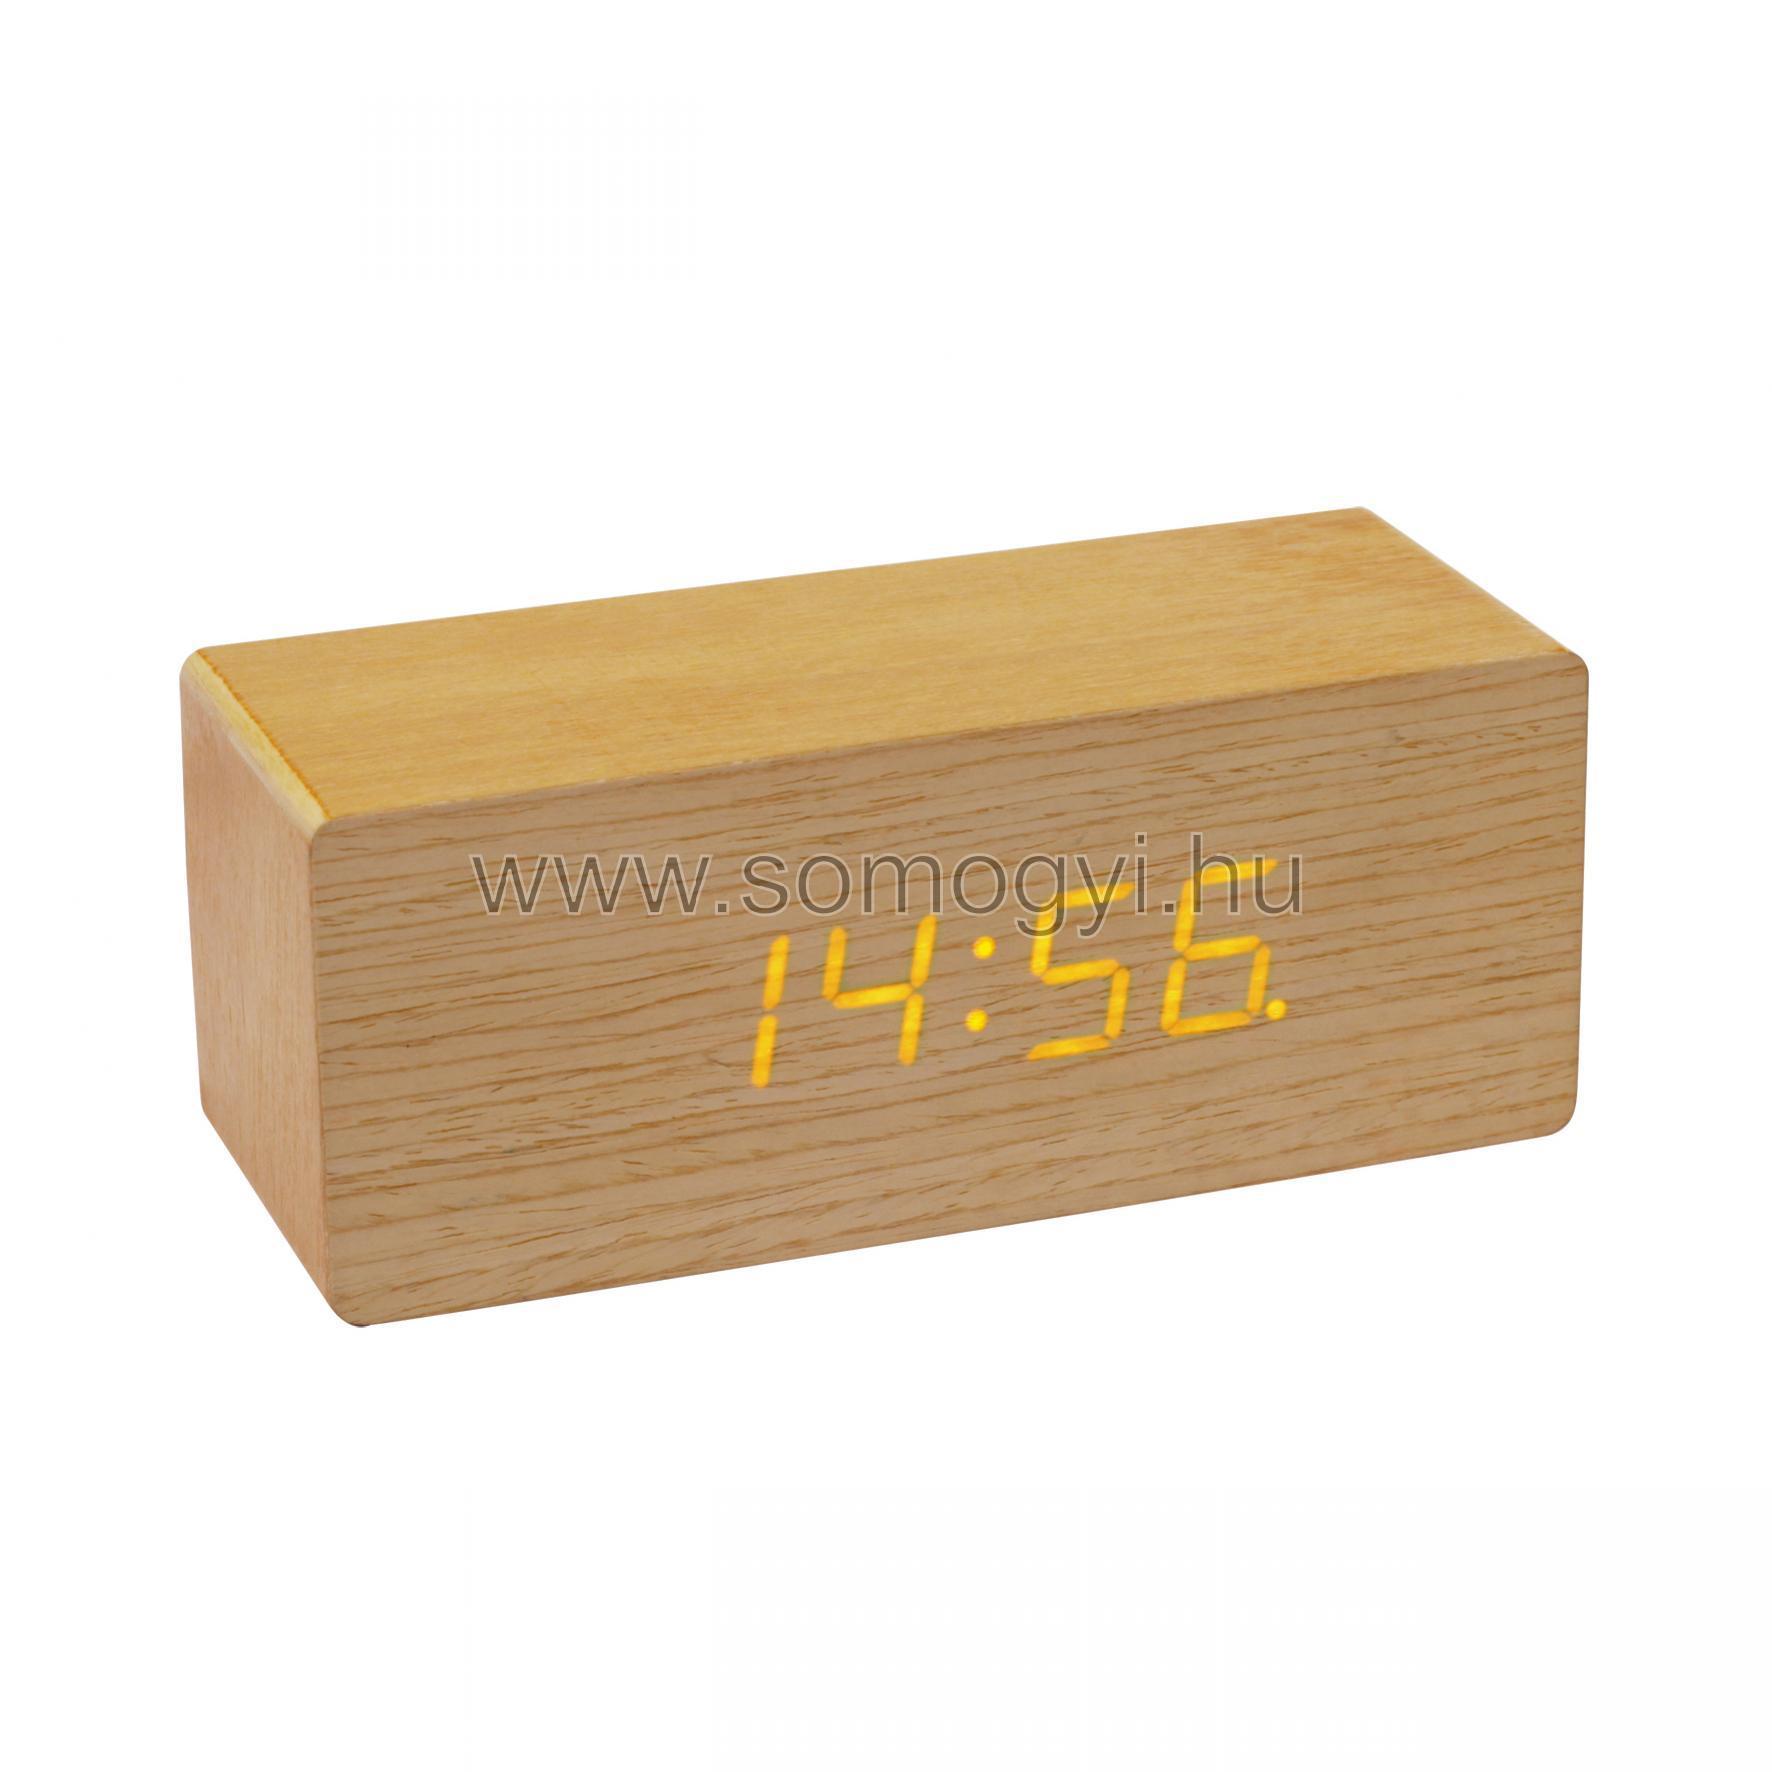 Digitális ébresztőóra 995511dd33